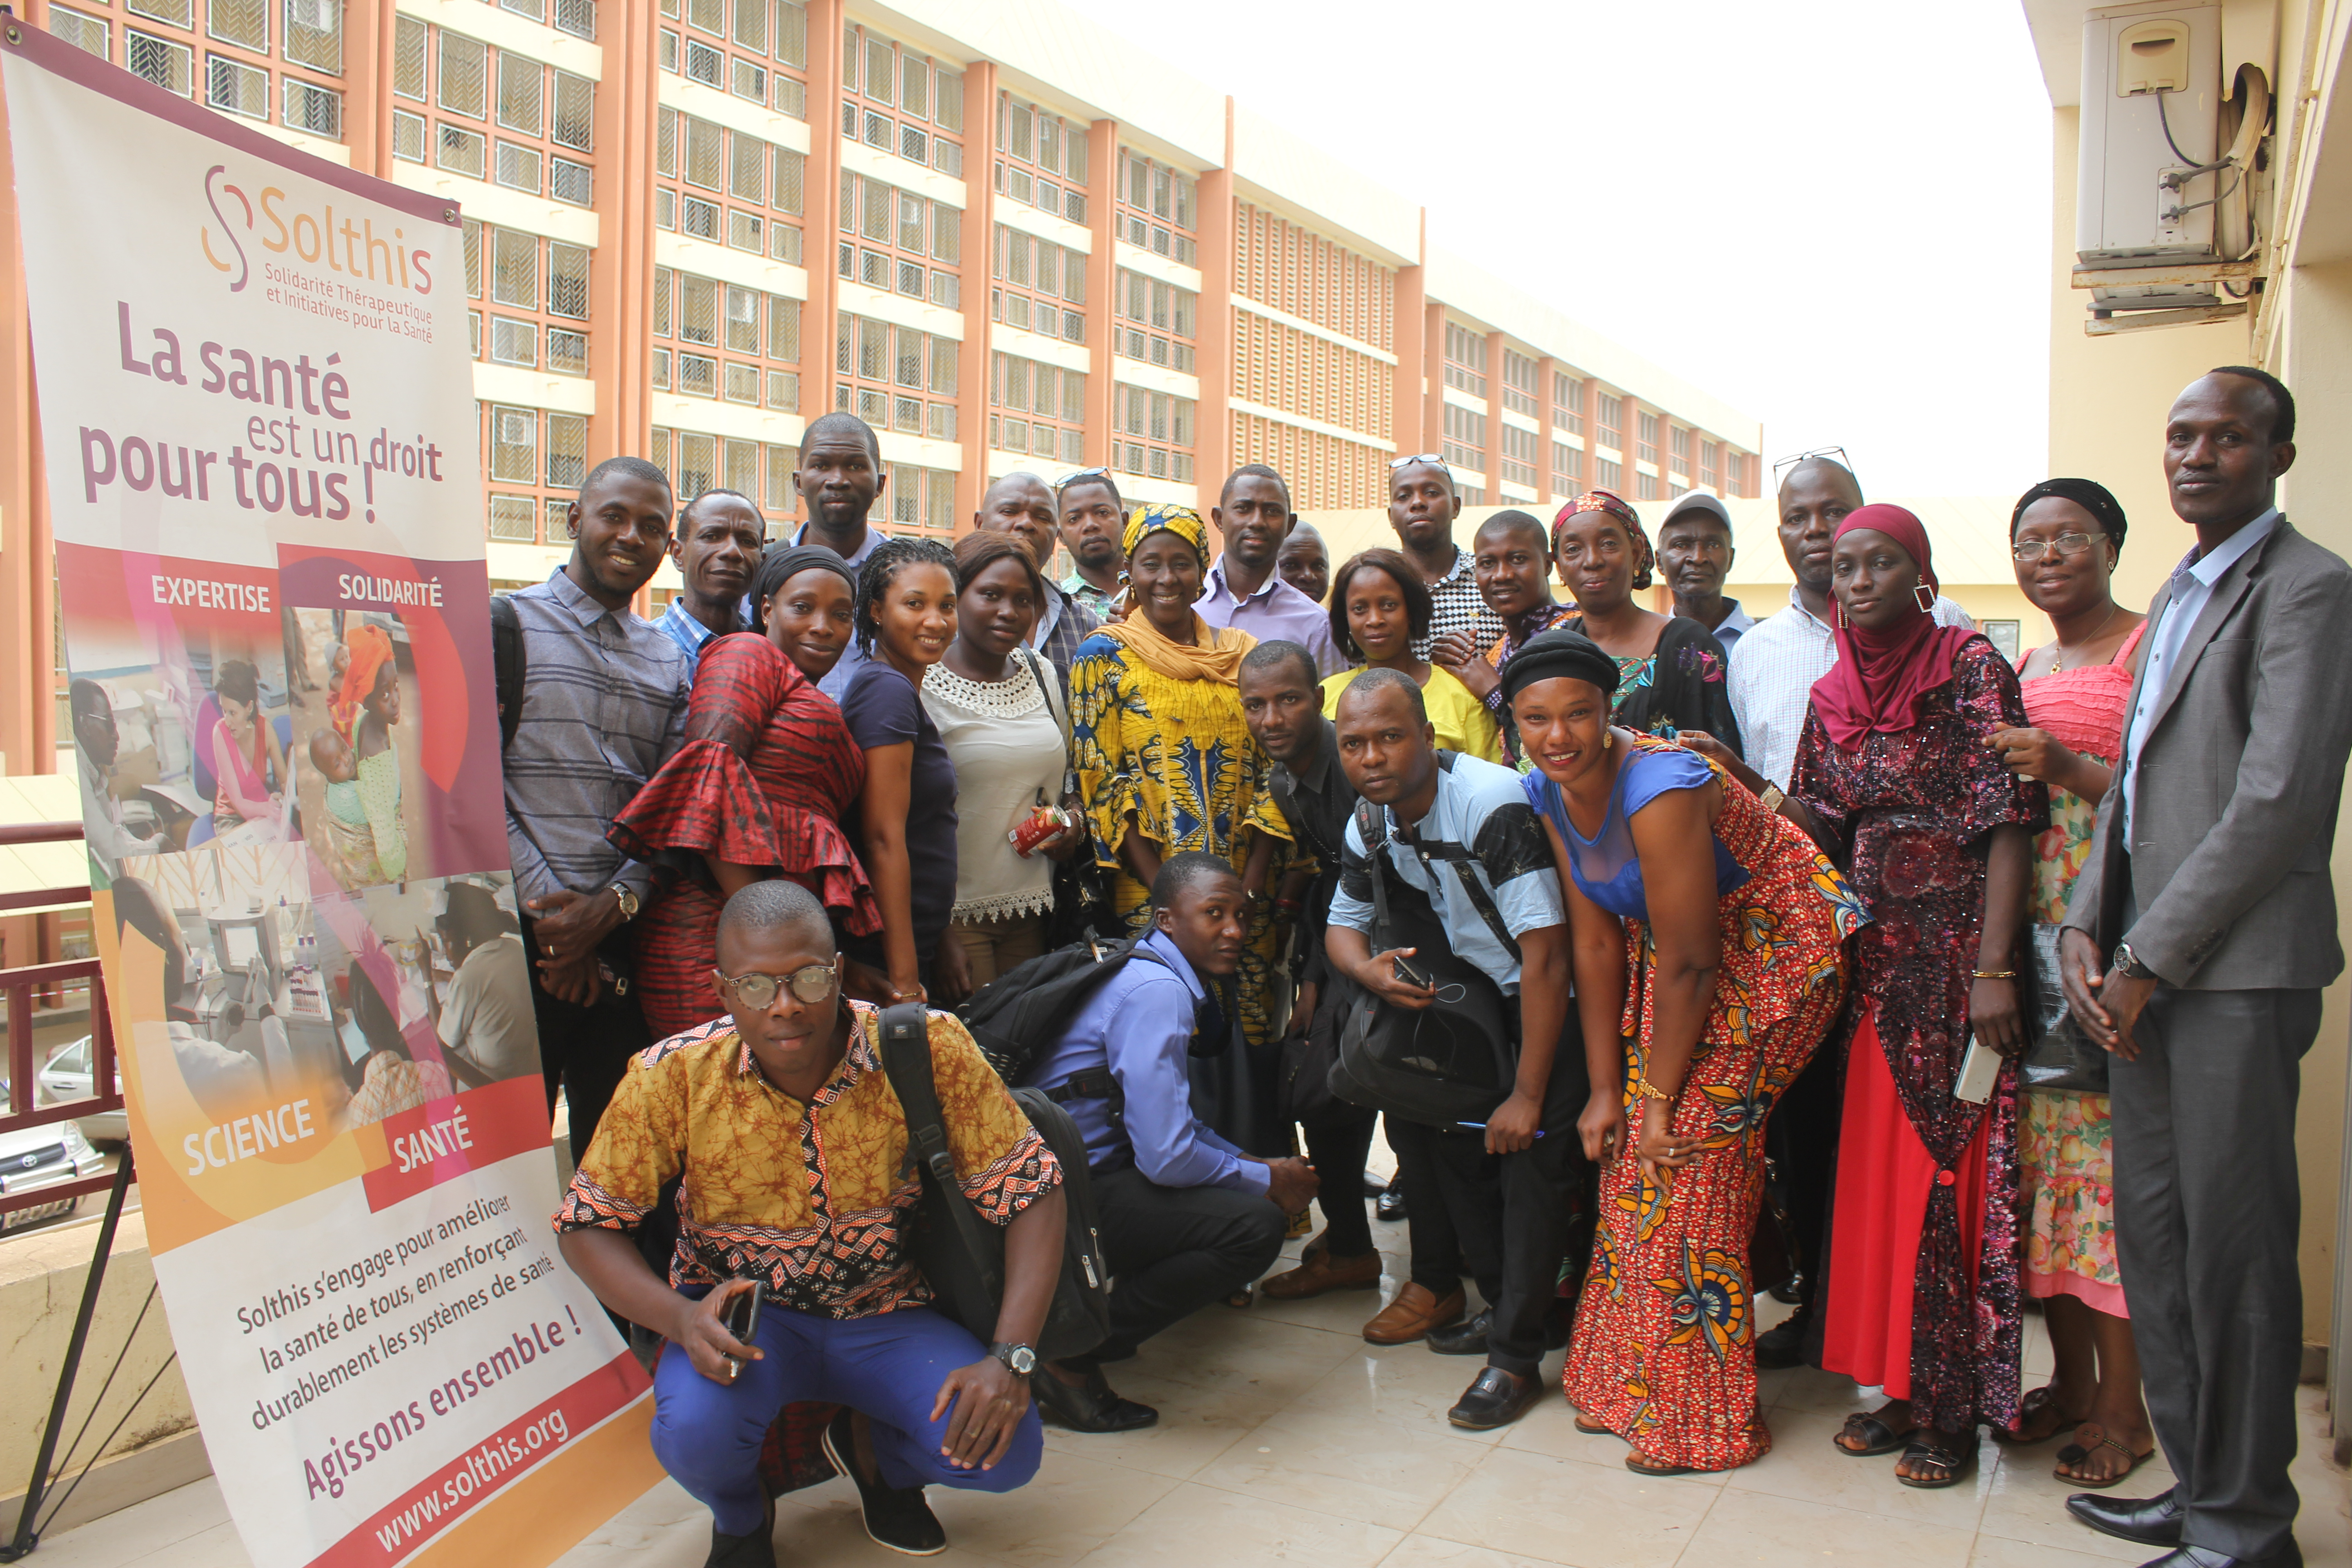 Droits des patients en Guinée - Solthis